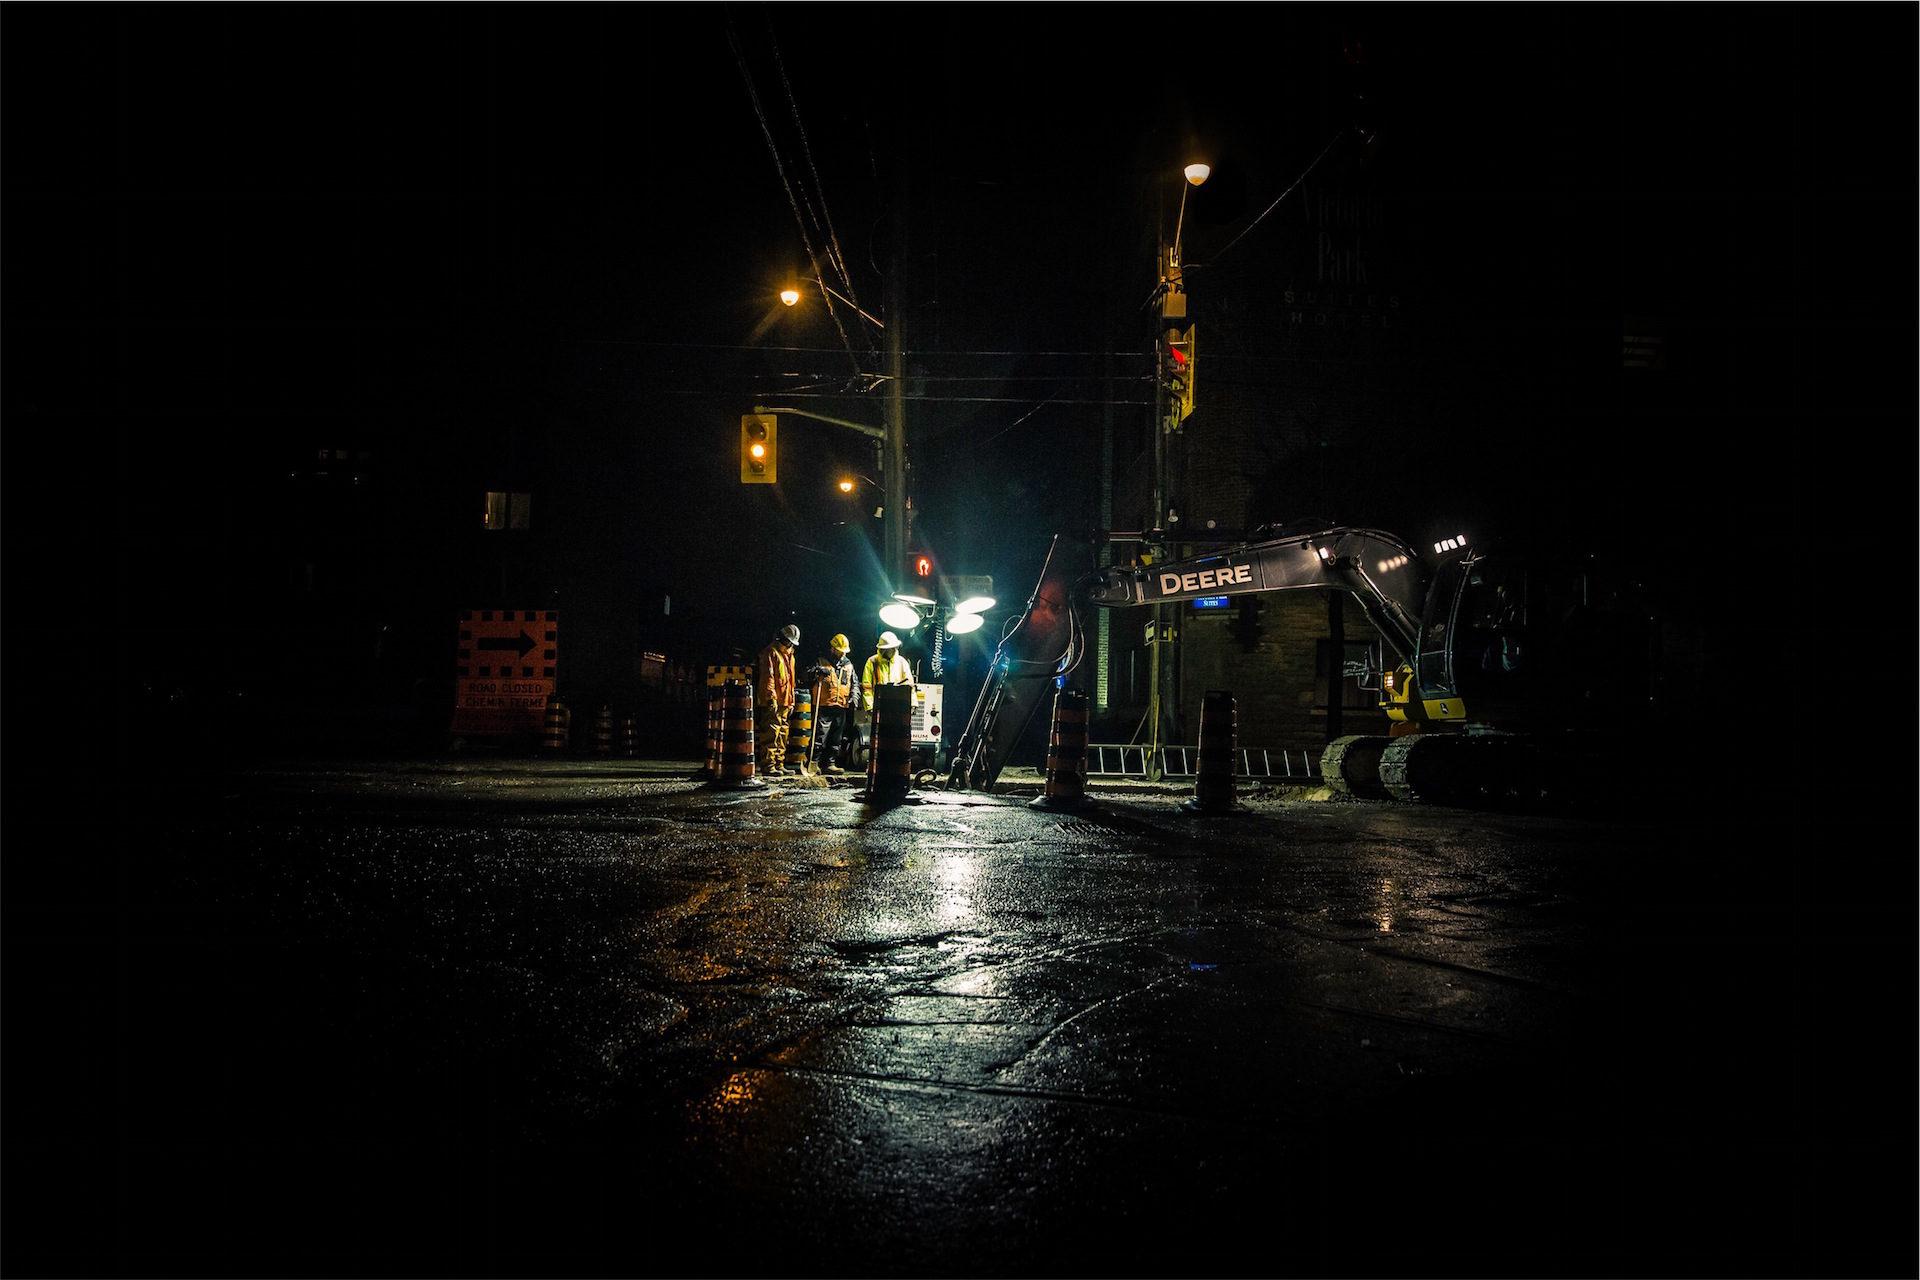 νύχτα, trabajadores, mantenimiento, semáforos, mientras duermes - Wallpapers HD - Professor-falken.com